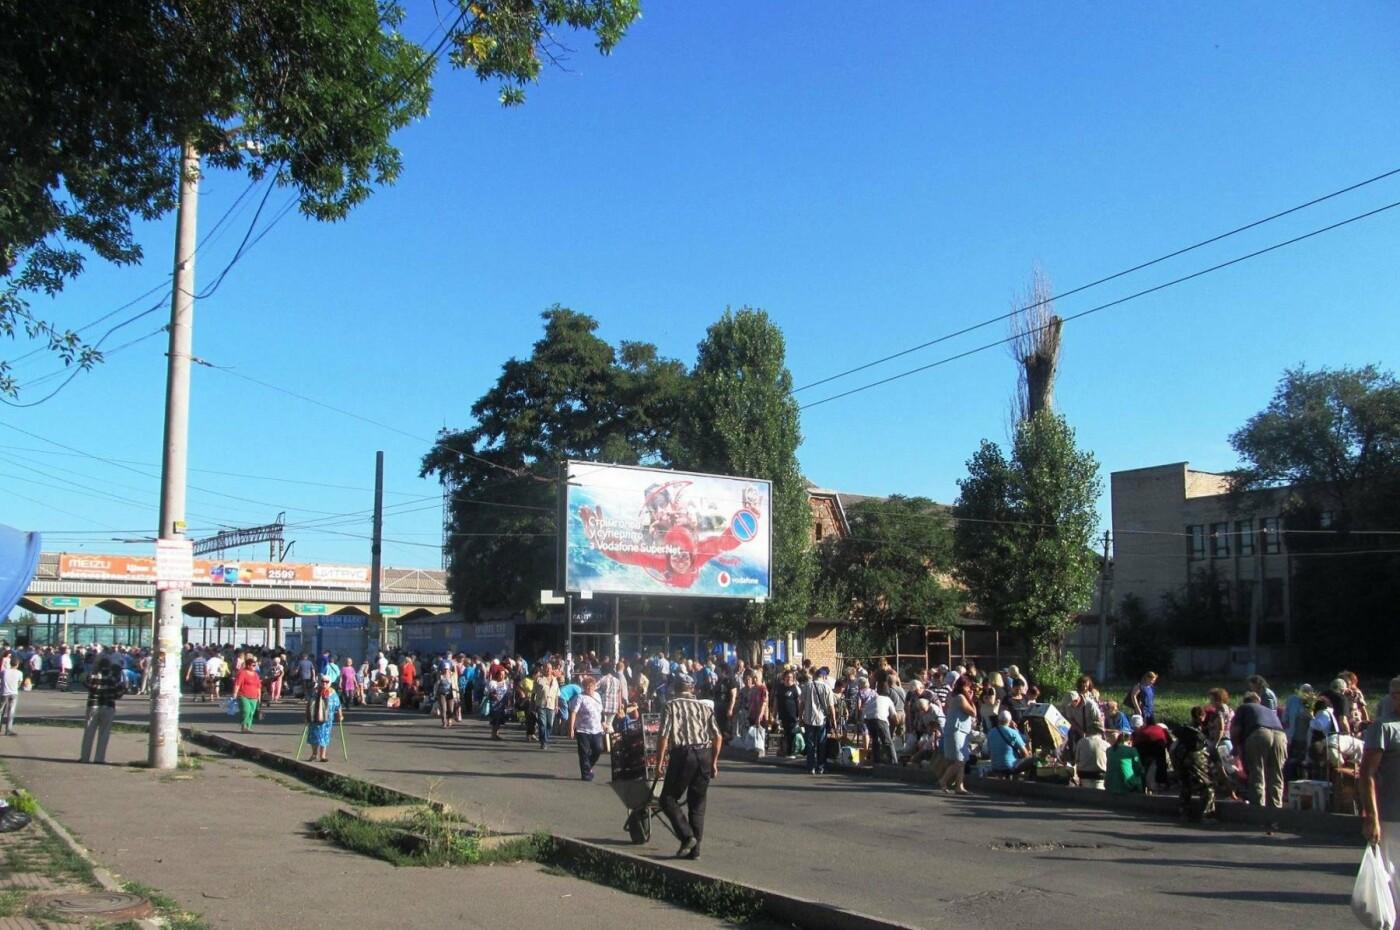 Базар-вокзал в Кривом Роге: Горожане предложили упорядочить стихийный рынок на Долгинцево, - ФОТО, фото-9